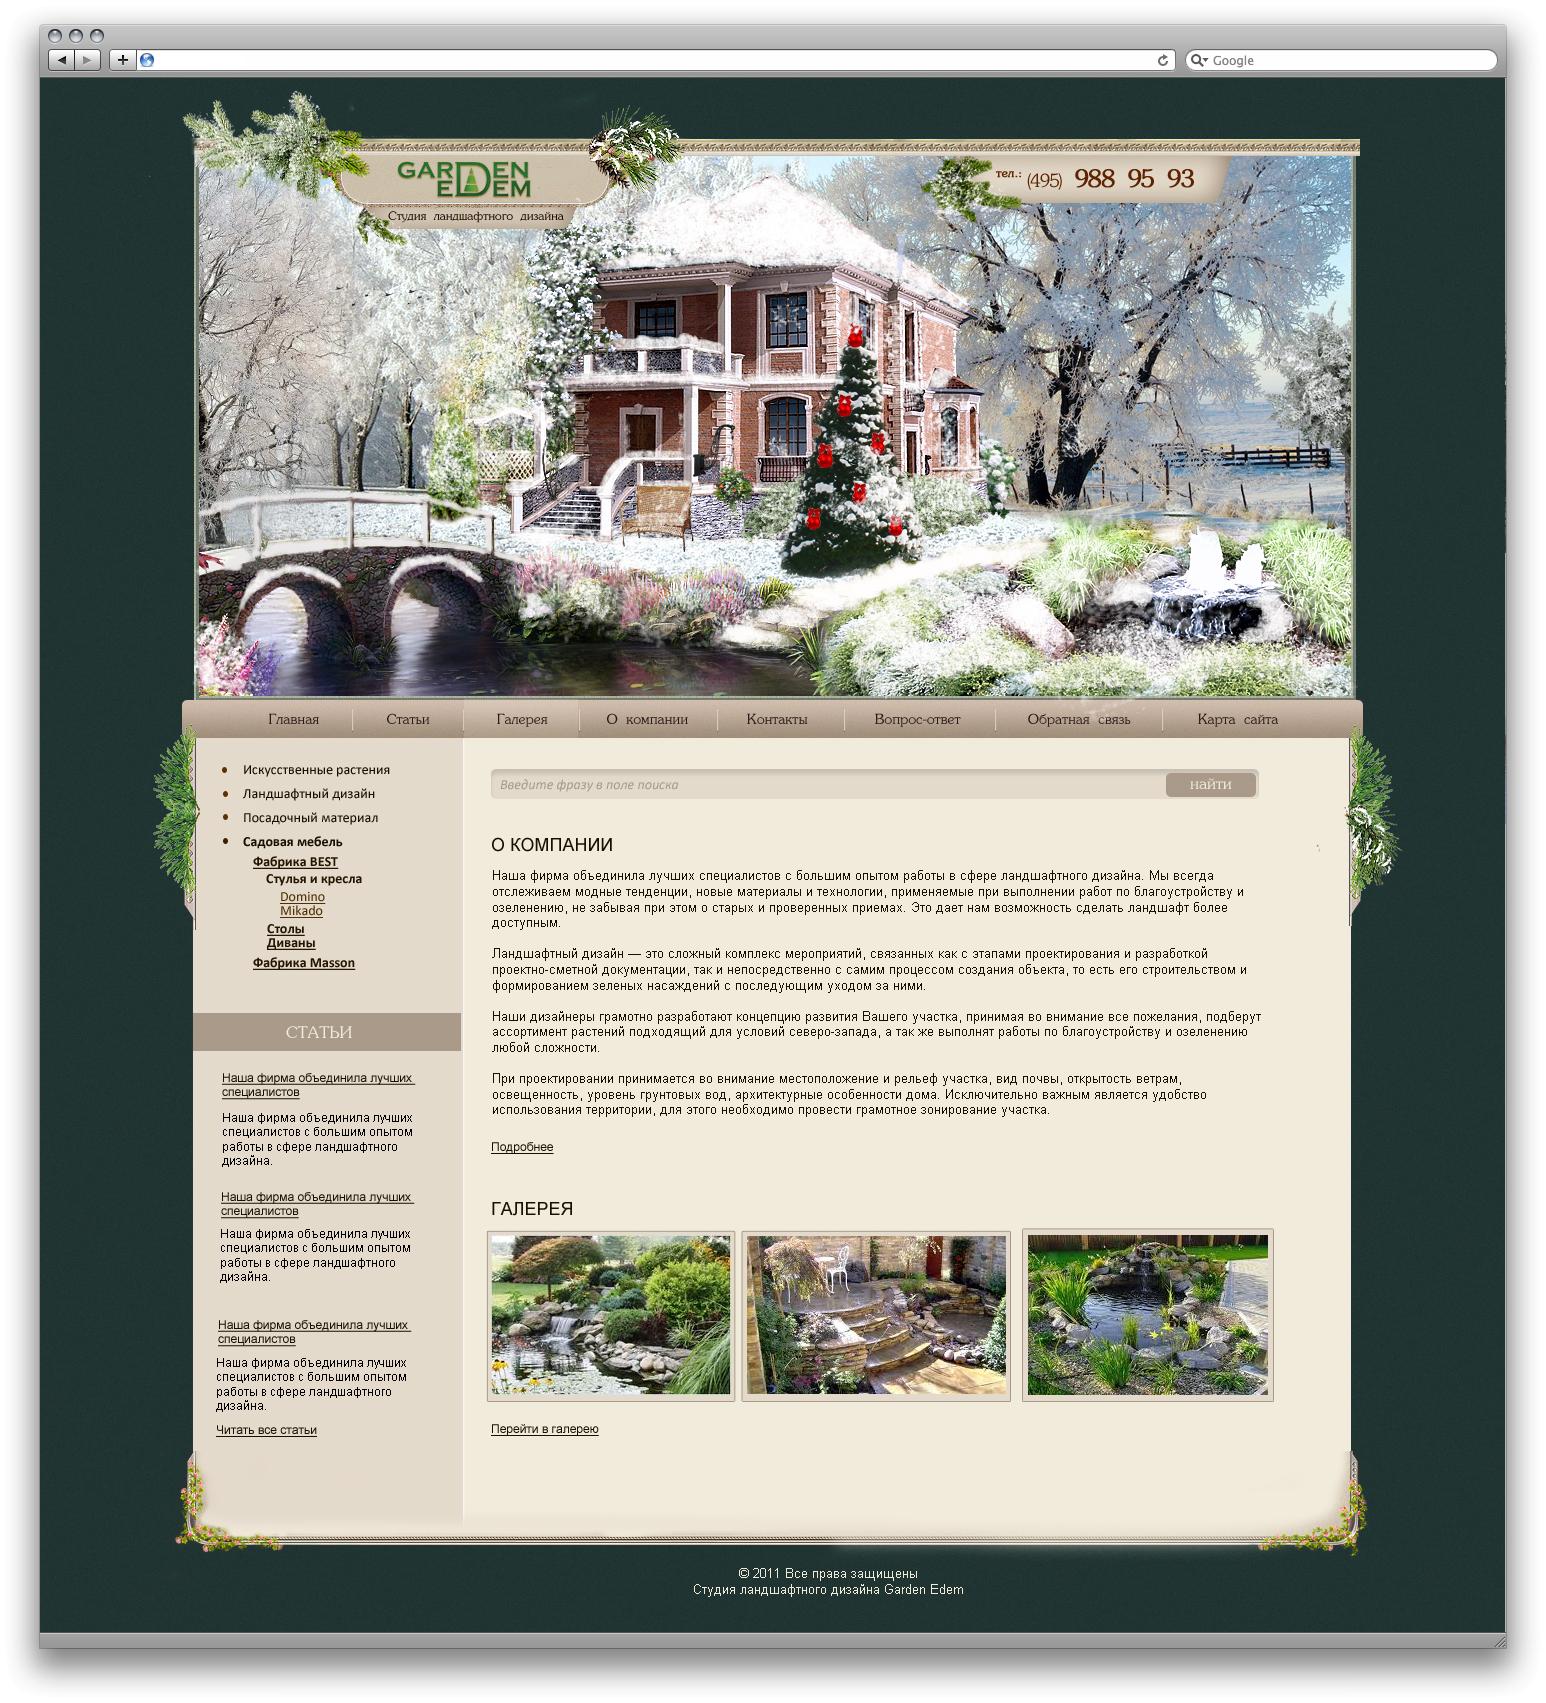 Ландшафтный дизайн, зима